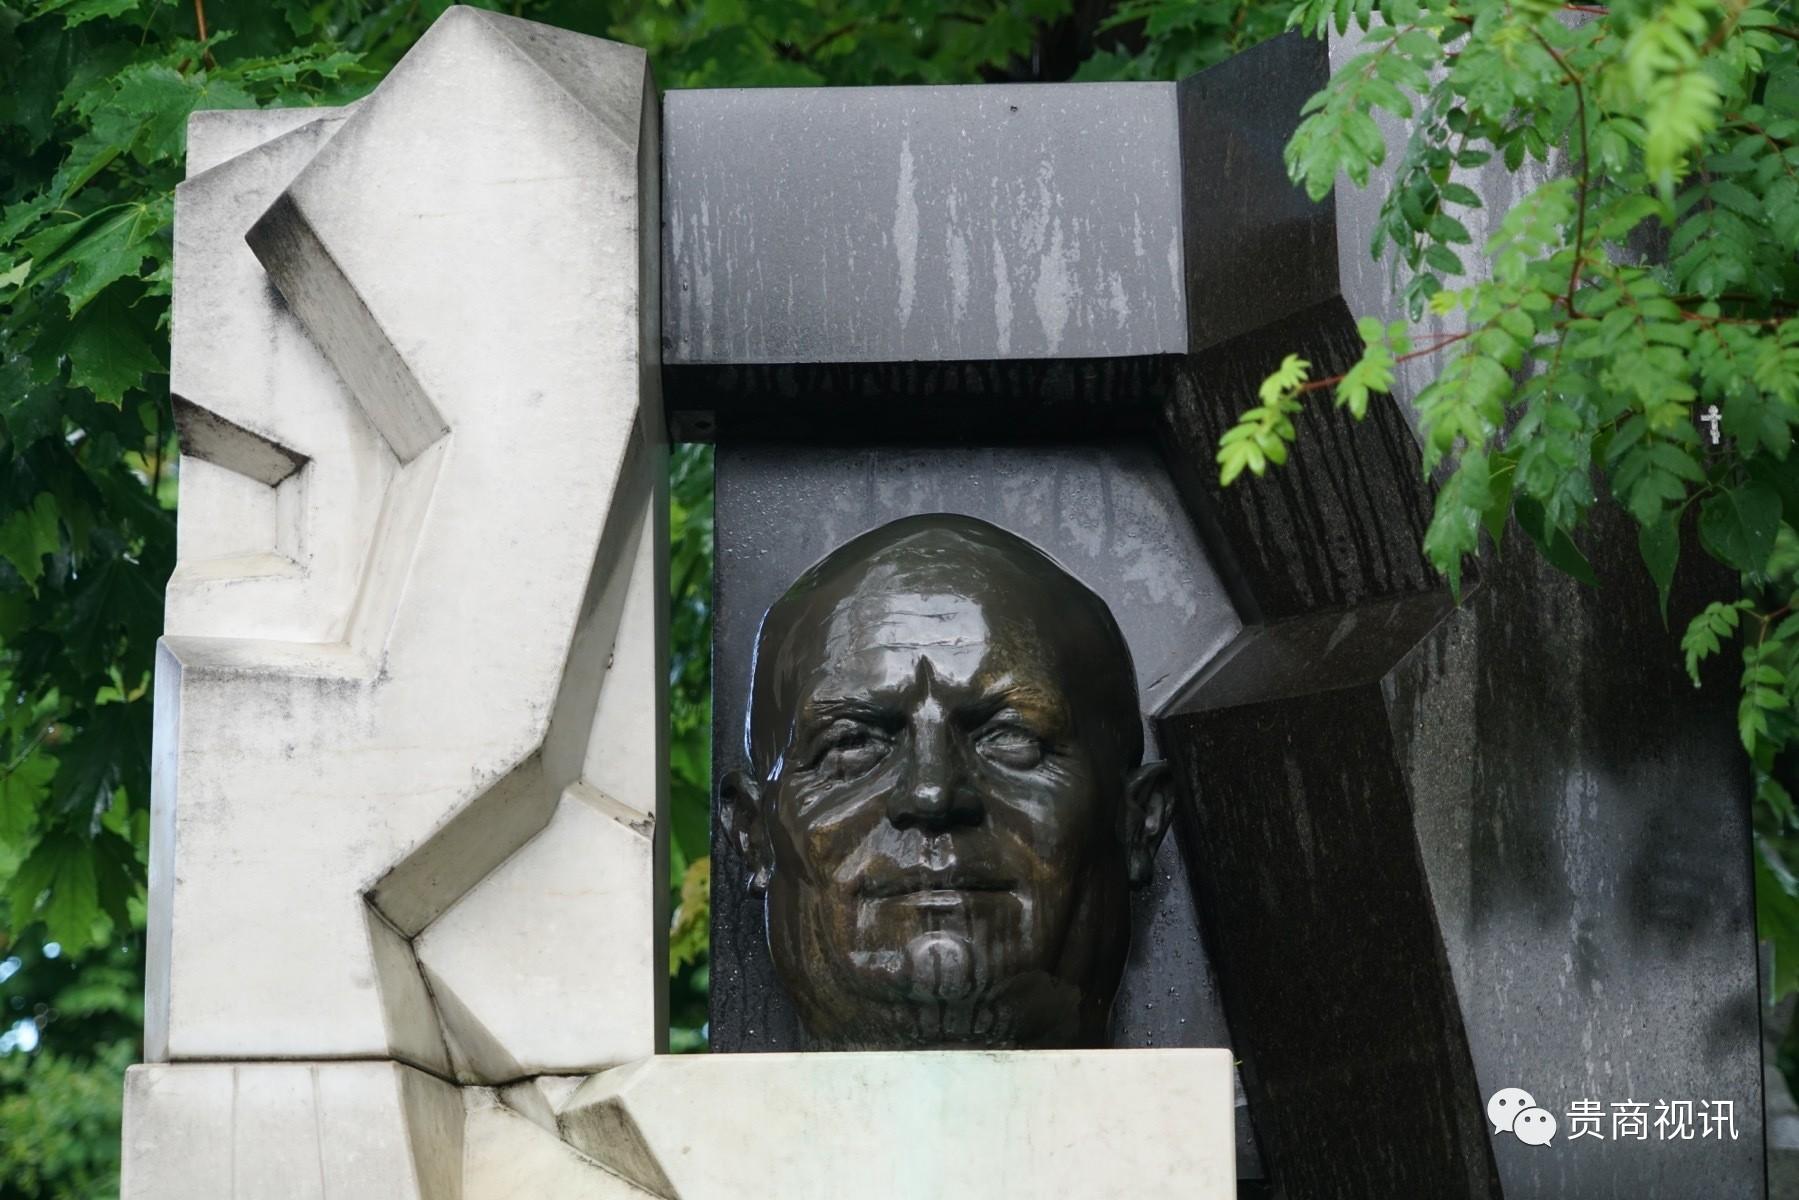 """苏联重要领导人,曾担任苏共中央第一书记、苏联部长会议主席。赫鲁晓夫于1956年的苏联共产党第二十次代表大会中发表了""""秘密报告"""",对约瑟夫・斯大林展开全面批评,震动了社会主义阵营,引发东欧的一系列骚乱。任期内,他实施去斯大林化政策,为大清洗中的受害者平反,苏联的文艺领域获得解冻。同时他积极推行农业改革,使苏联的民生得到改善。1964年10月苏共中央全会""""鉴于赫鲁晓夫犯有主观主义和唯意志论错误""""解除其职务。  赫鲁晓夫去世后,他的家人请当时苏联最有名的现代派雕塑家涅伊兹维斯内为赫鲁晓夫雕刻一尊塑像,好对他的一生做个形象的总结和评价。这很有戏剧性,因为赫鲁晓夫生前曾多次在公开场合评价过雕塑家涅伊兹维斯内,骂他 """"吃的是人民的血汗钱,拉出来的却是臭狗屎""""。赫鲁晓夫曾经很不屑地把他的作品比作垃圾。当时还是无名小辈的纳斯维斯特尼却回应国家领导人说:""""在我的作品面前,我才是主人!""""这在当时,需要极大的勇气!他后来移民定居在美国。"""